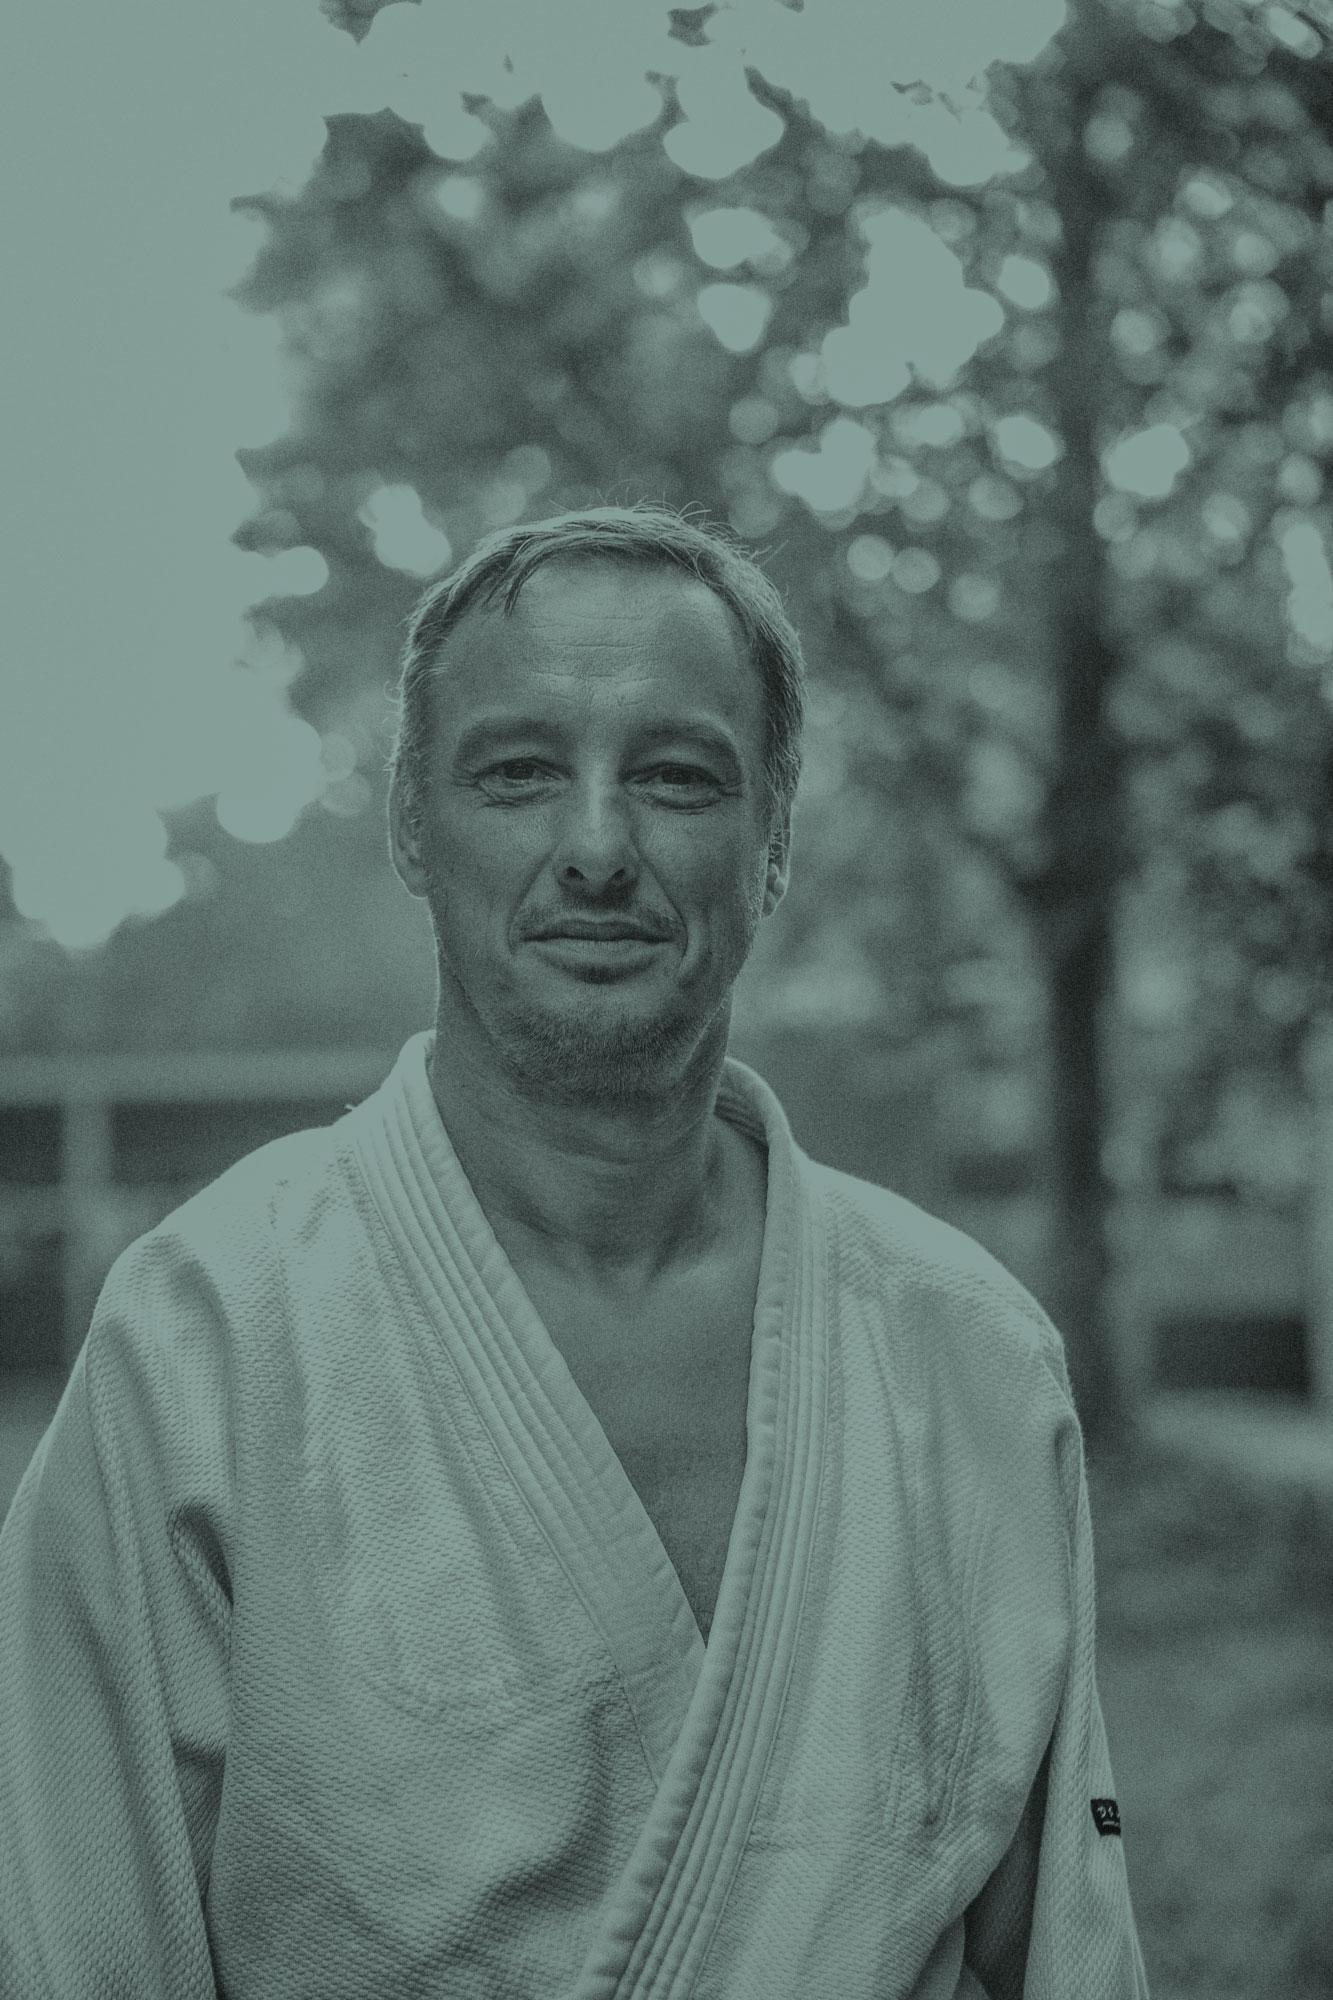 massage bien être Ixelles - Bruxelles - Uccle - Forest - Marc Van Espendhout - Shiatsu